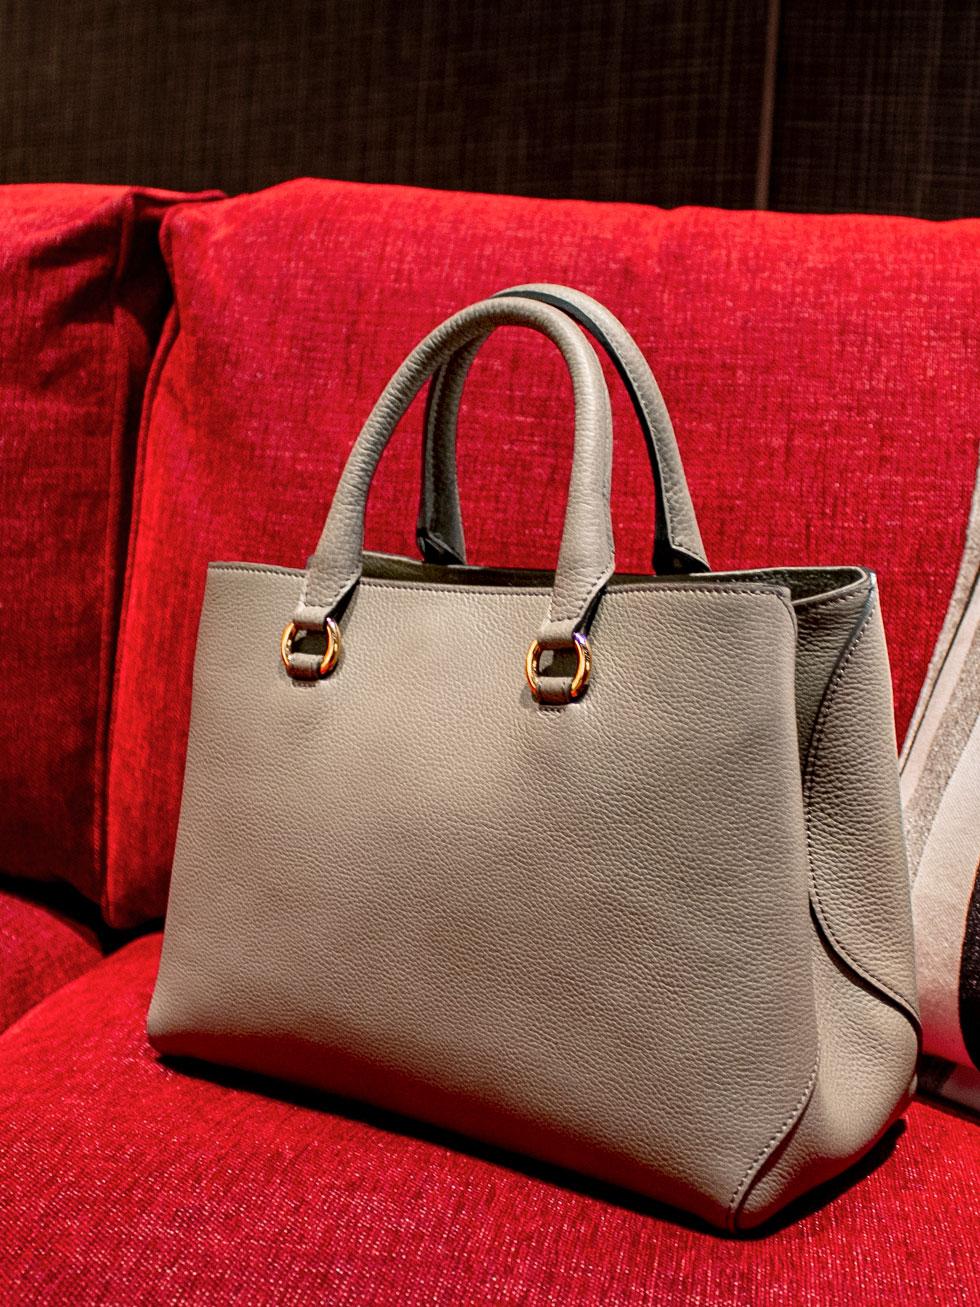 しっとりとお淑やかで女性的なデザインは、あなたのコーデに柔らかくてやさしい印象をプラスしてくれる本革2WAYバッグ「VALERIE」